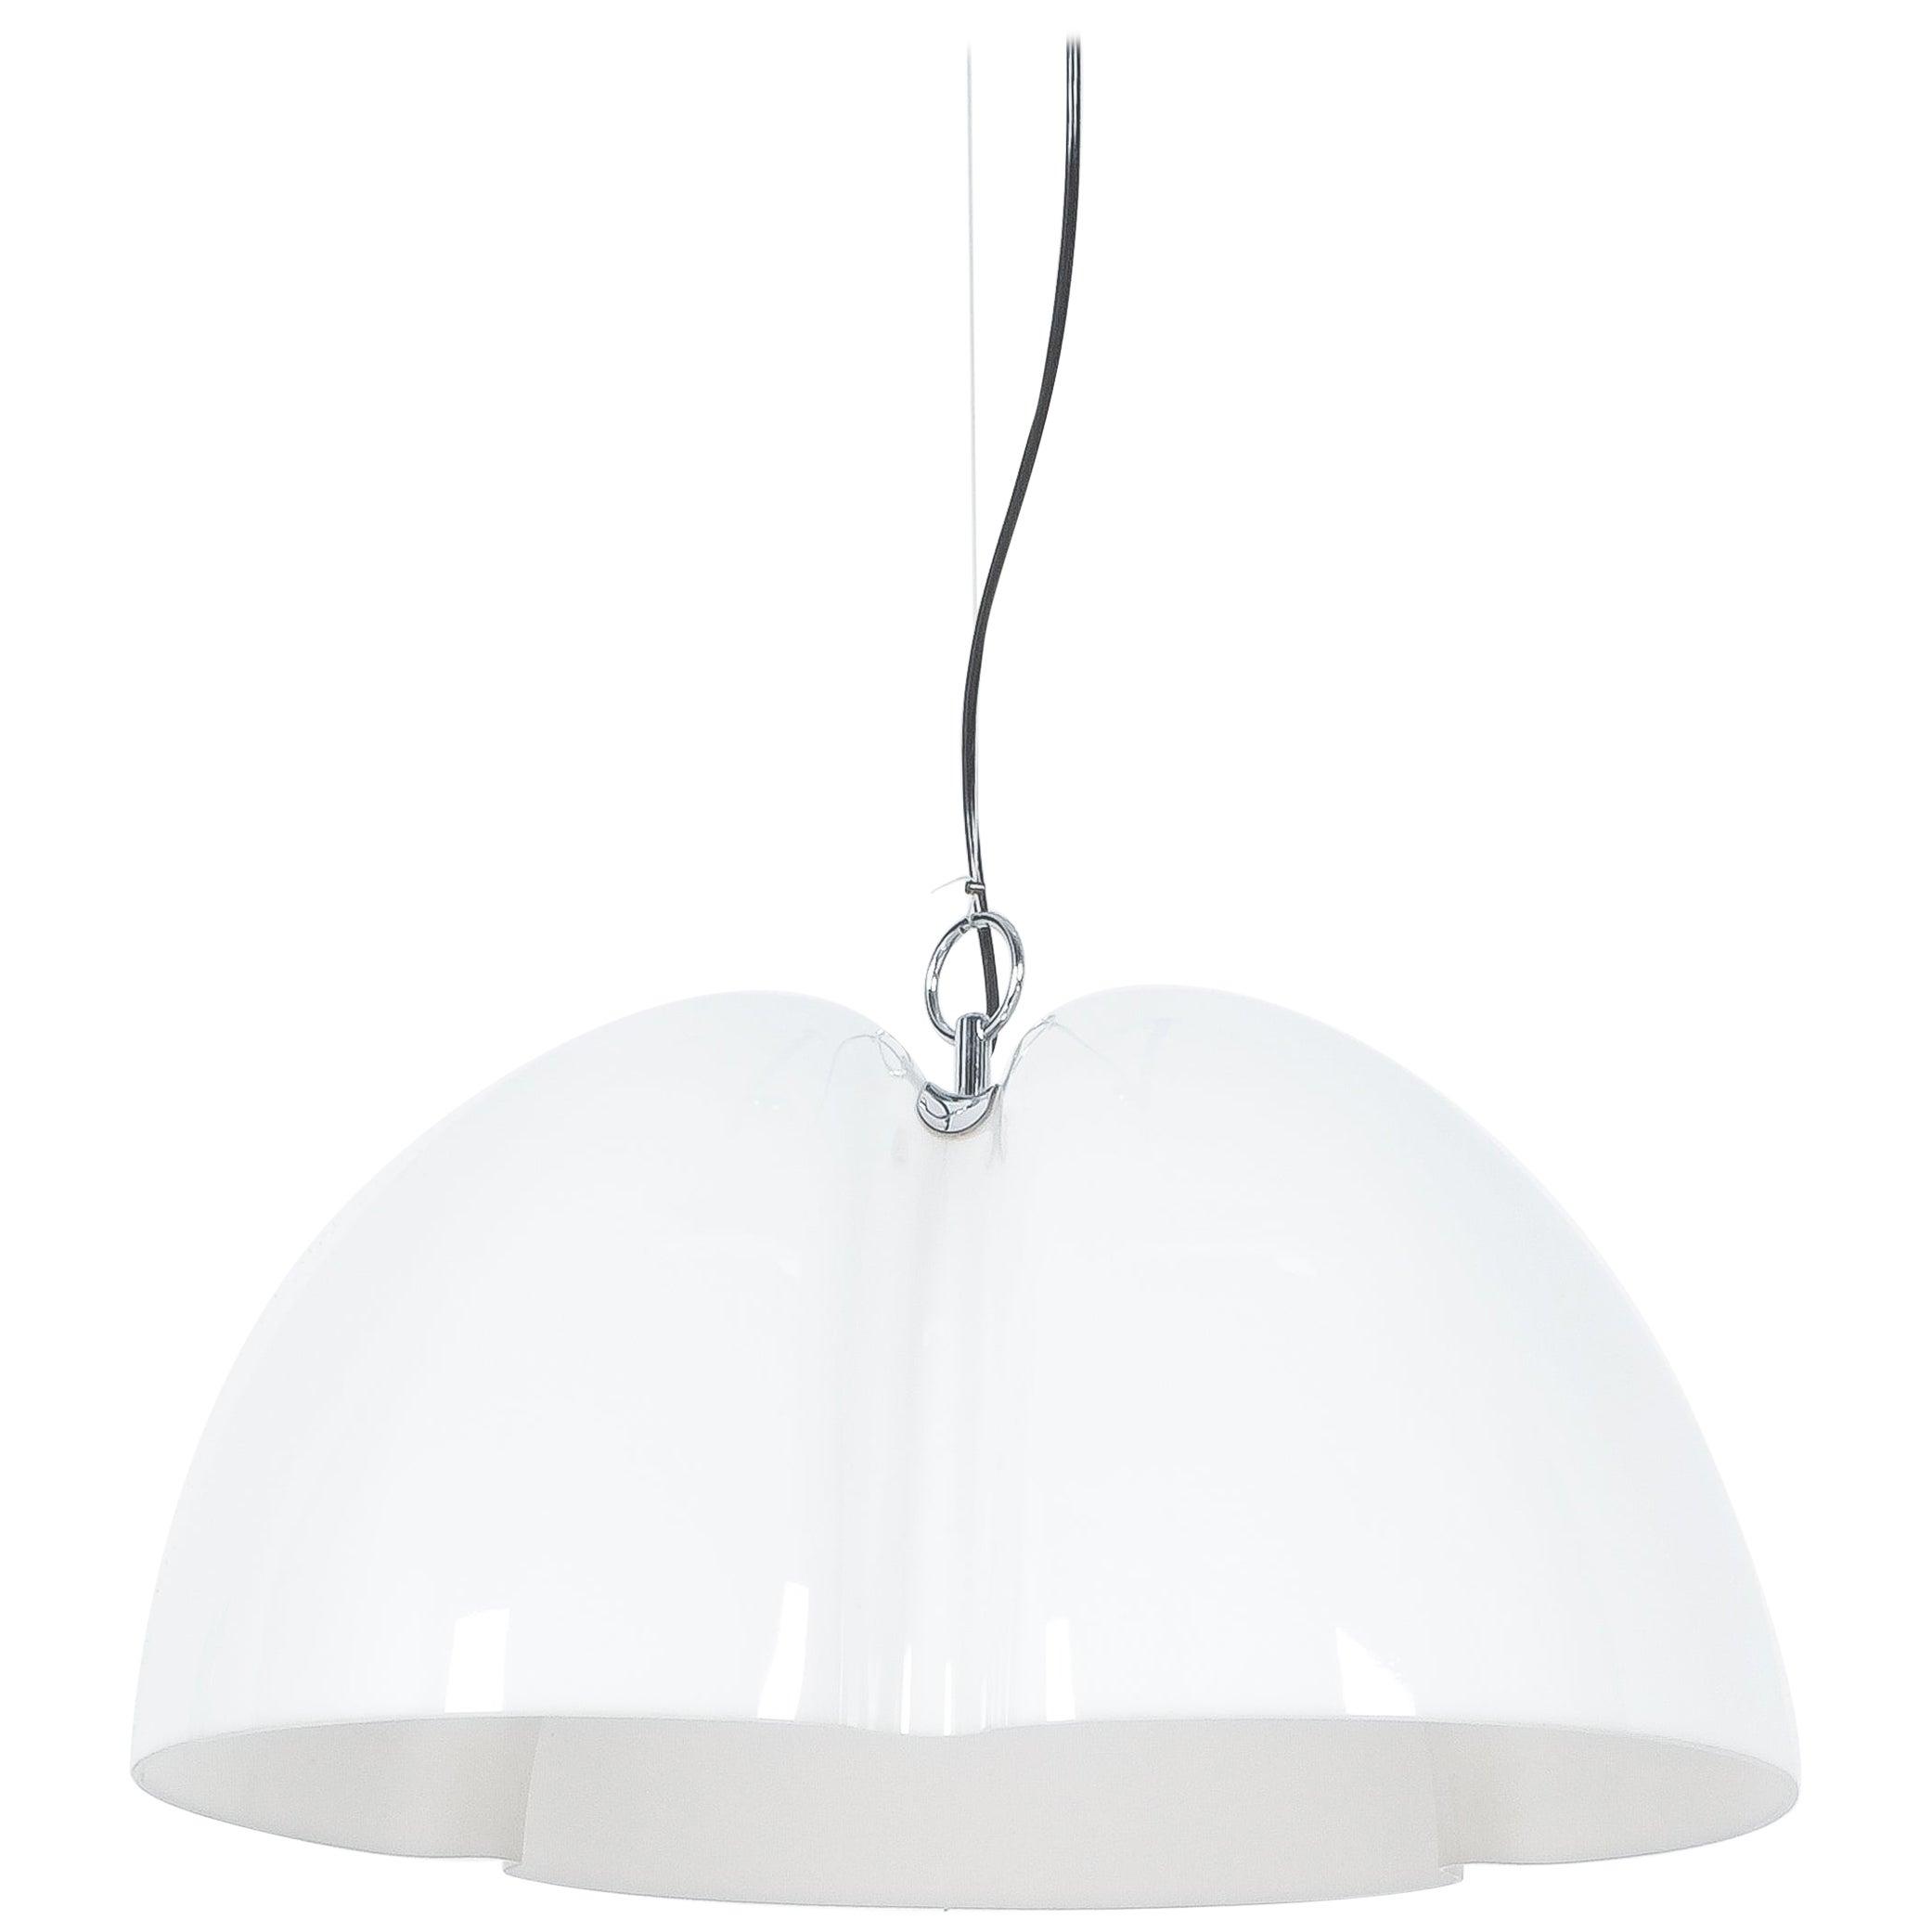 Large Pendant Lamp Tricena I by Ingo Maurer for Design M 1968